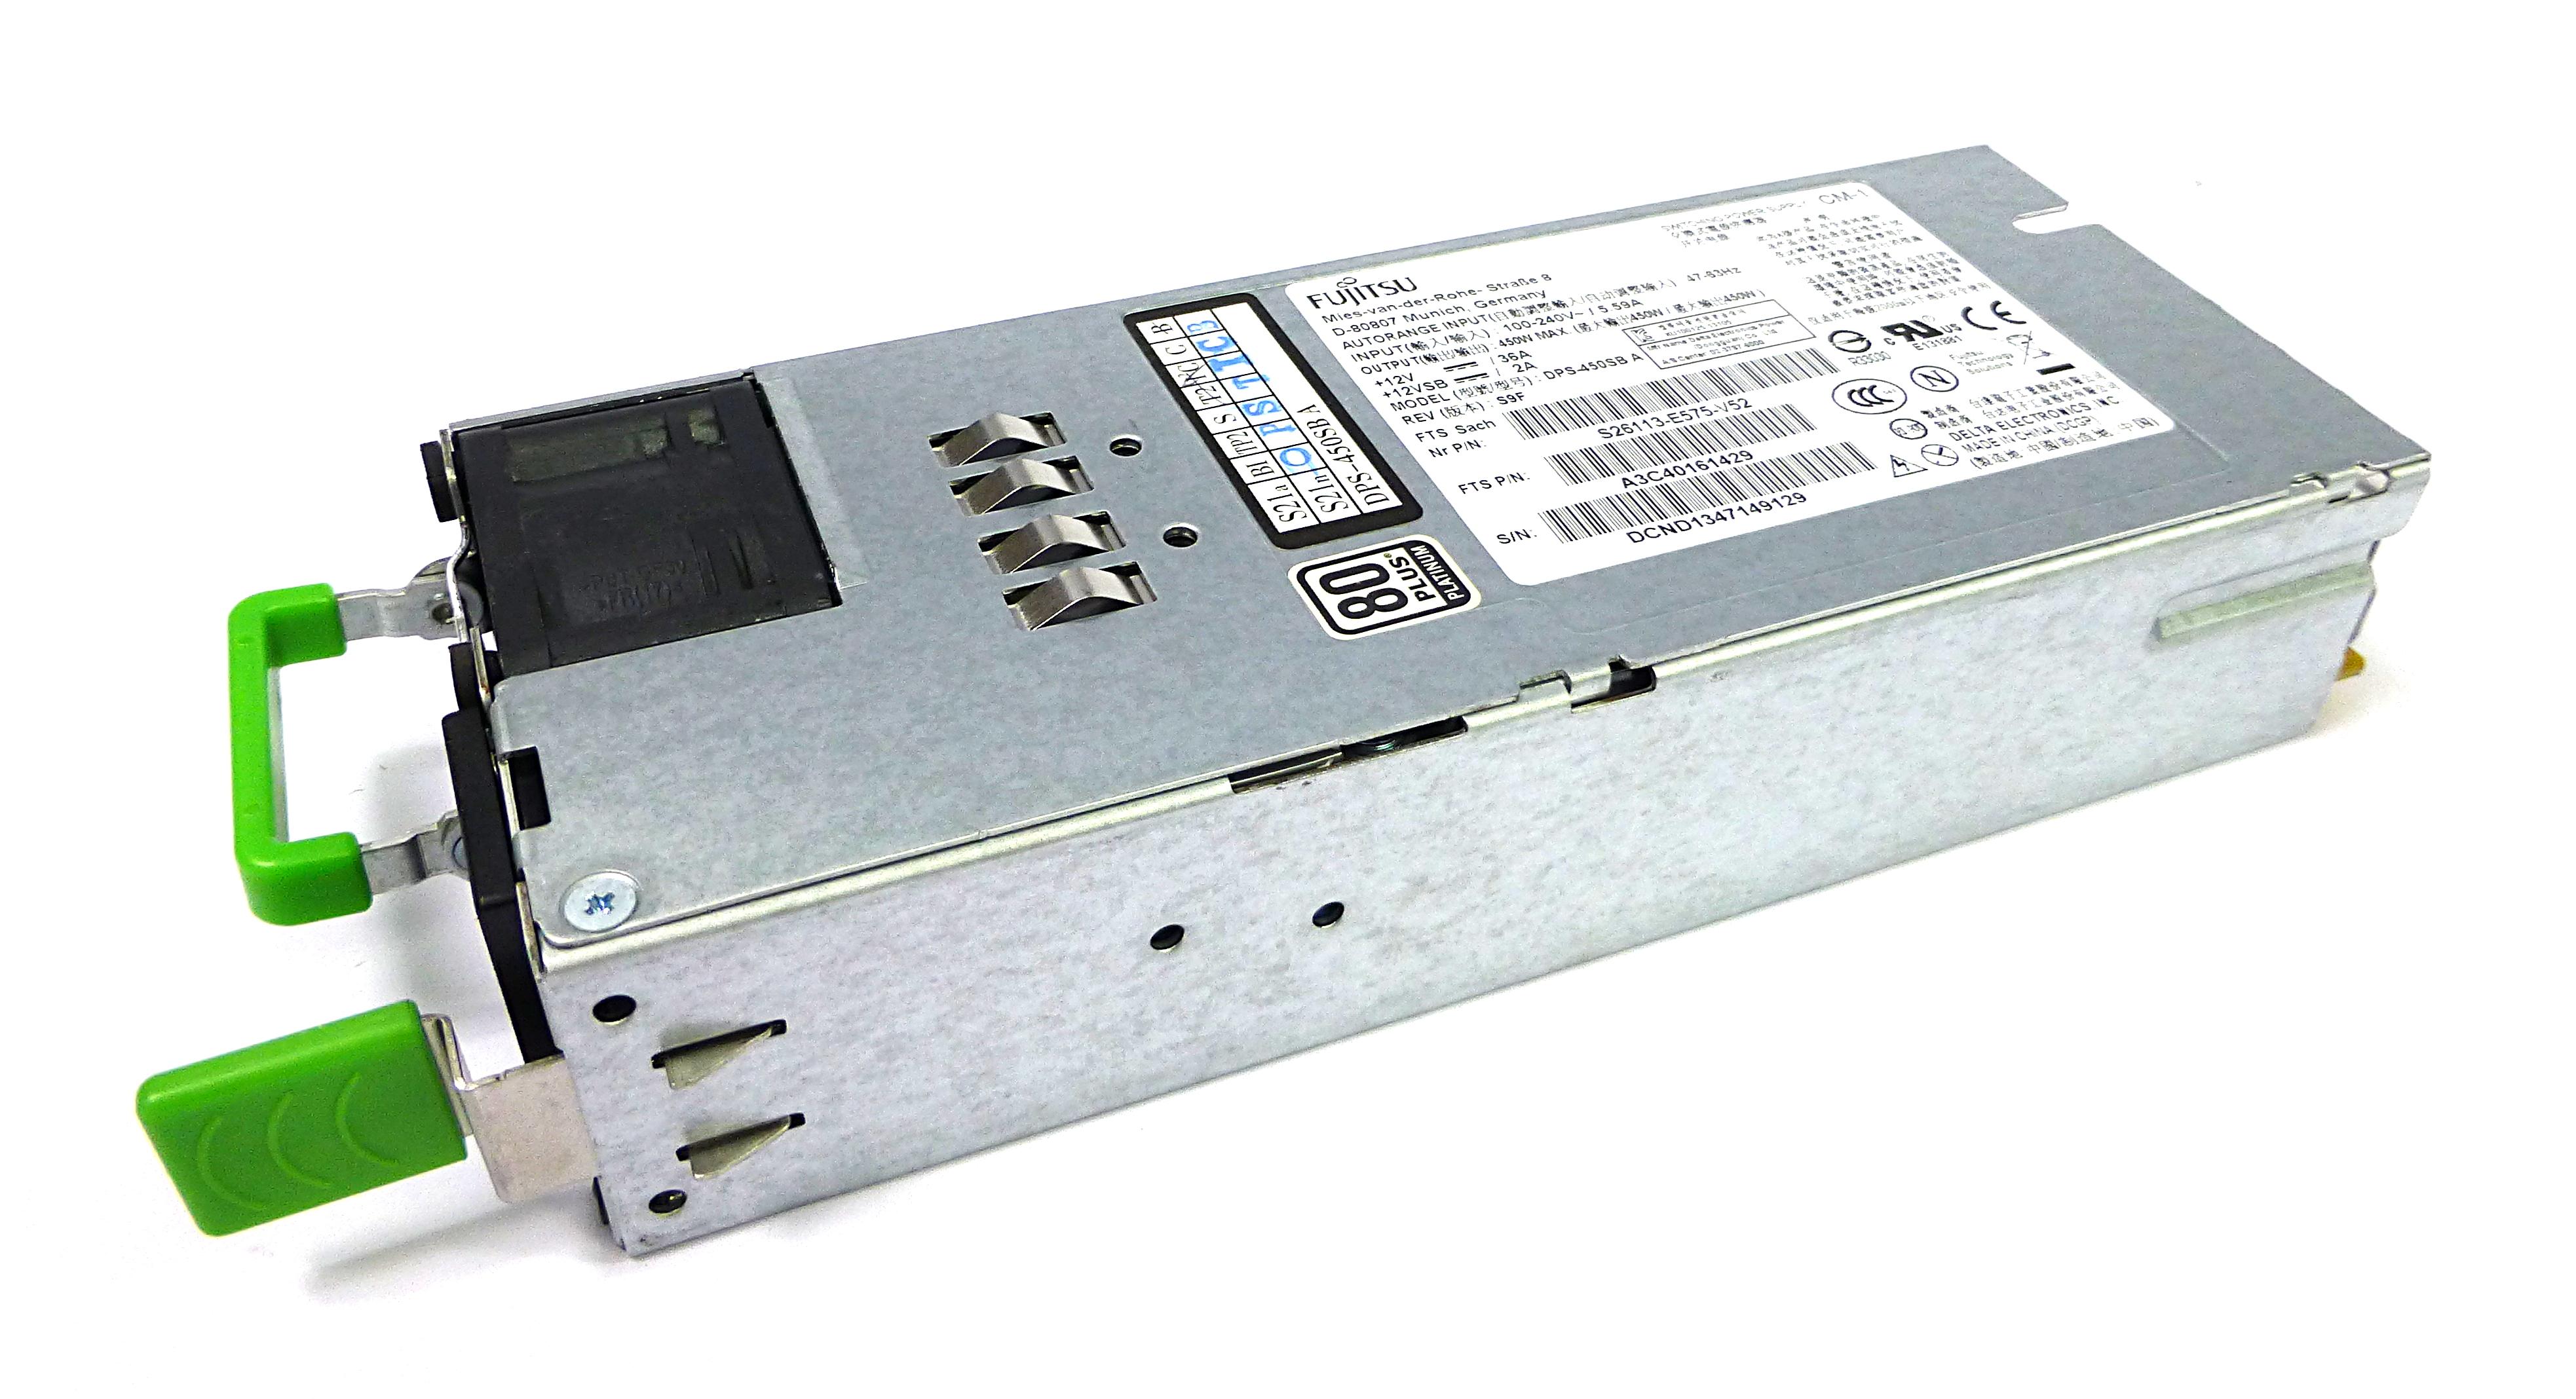 Fujitsu A3C40161429 450W Power Supply for Primergy RX100 S7 - S26113-E575-V52